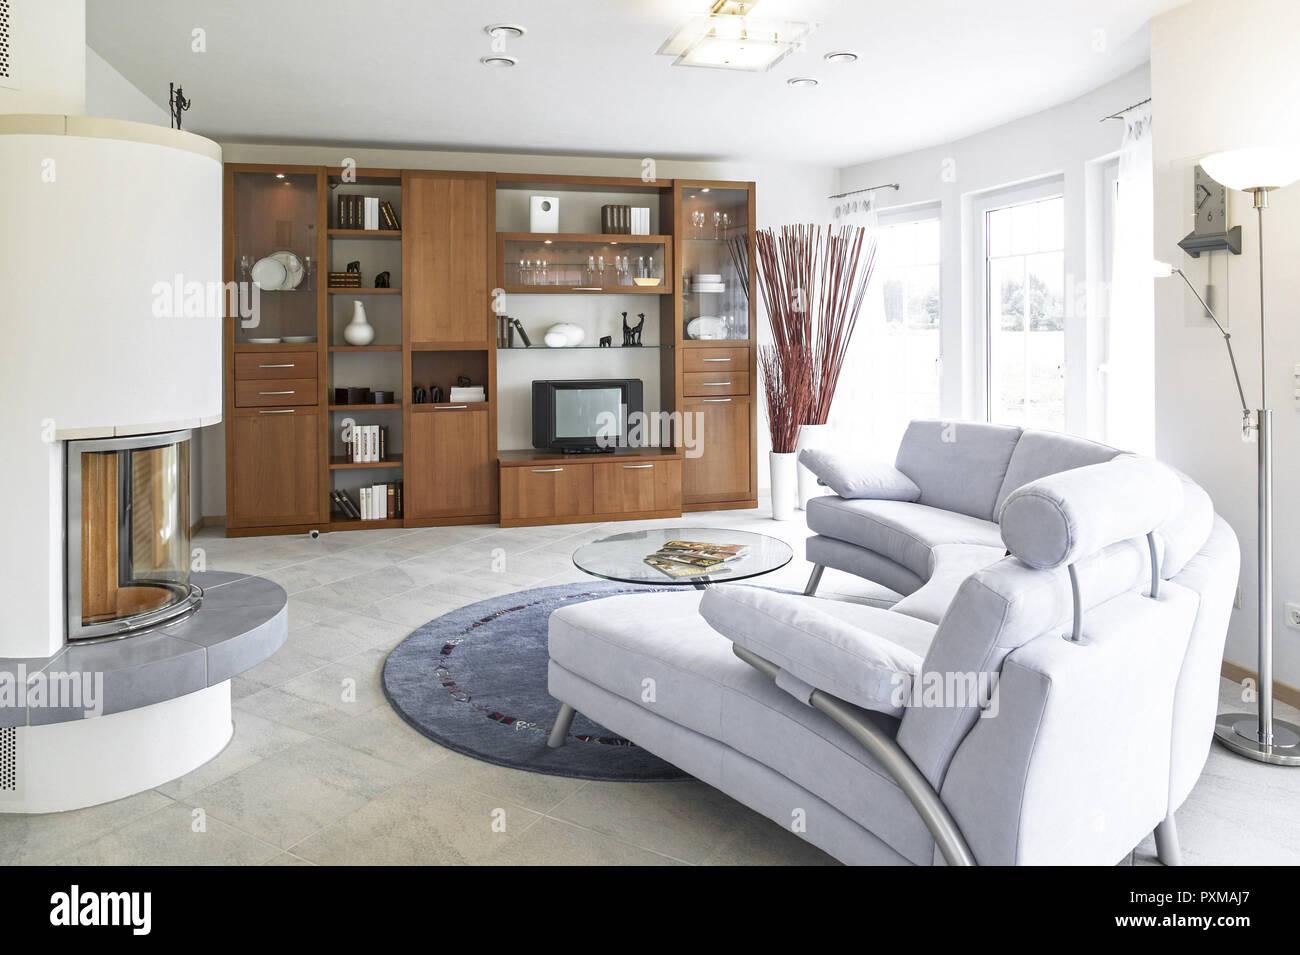 Wohnzimmer Inneneinrichtung Wunderbar Von Zeitgenossisch